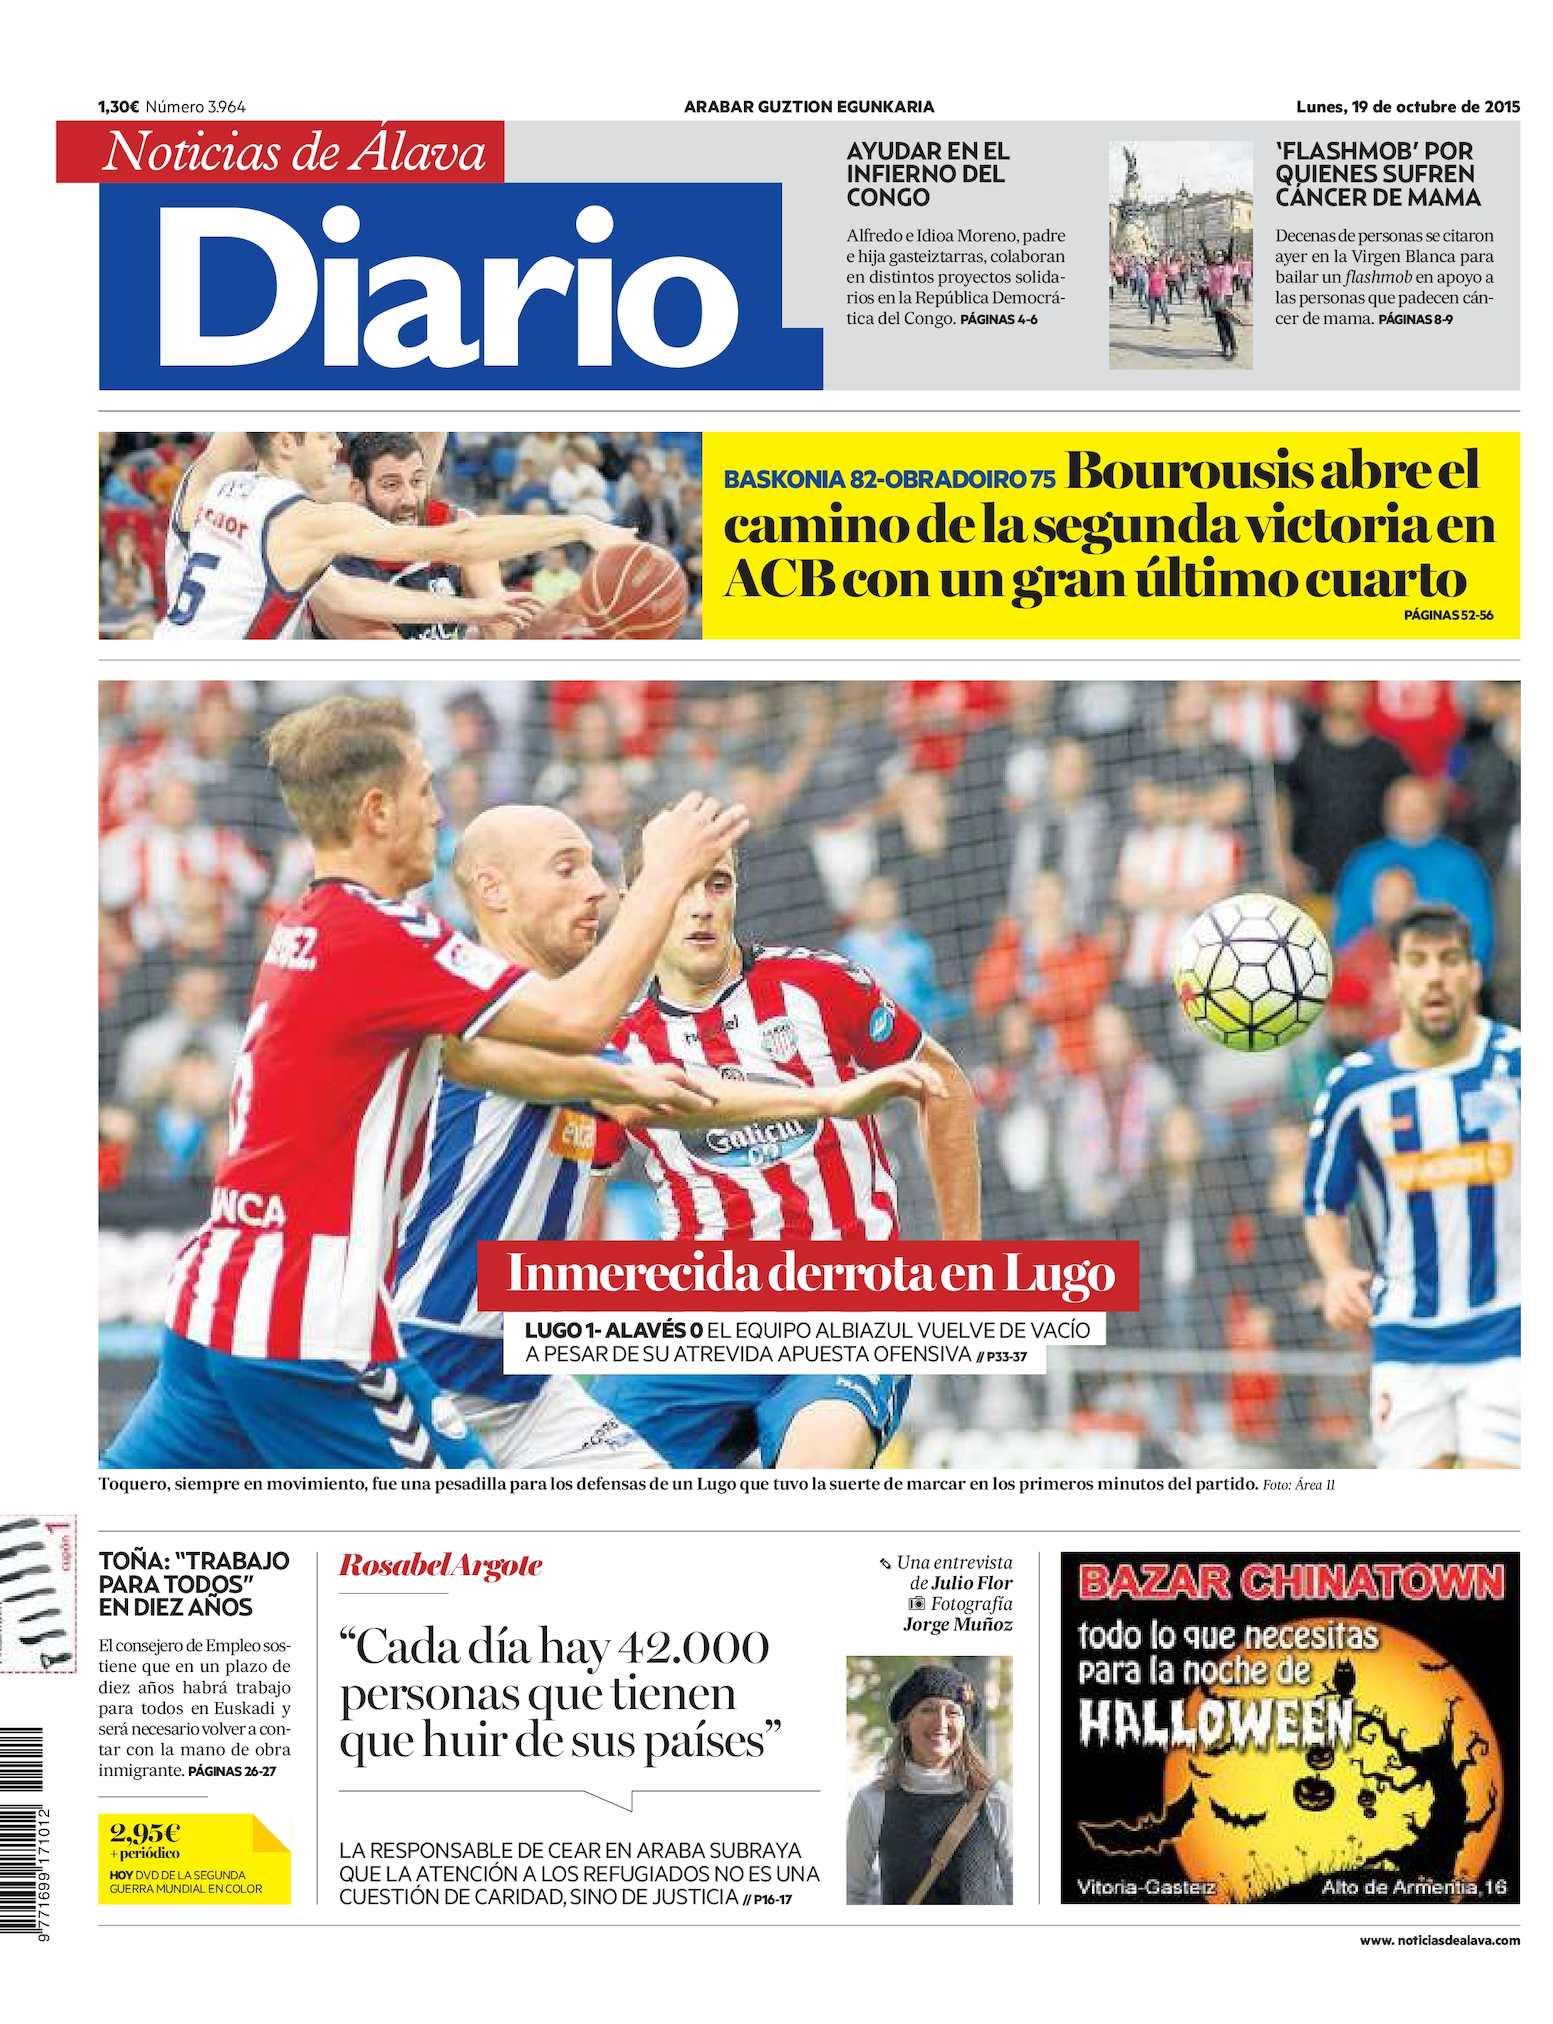 Diario 20151019 Noticias Álava De Calaméo deWCorxB